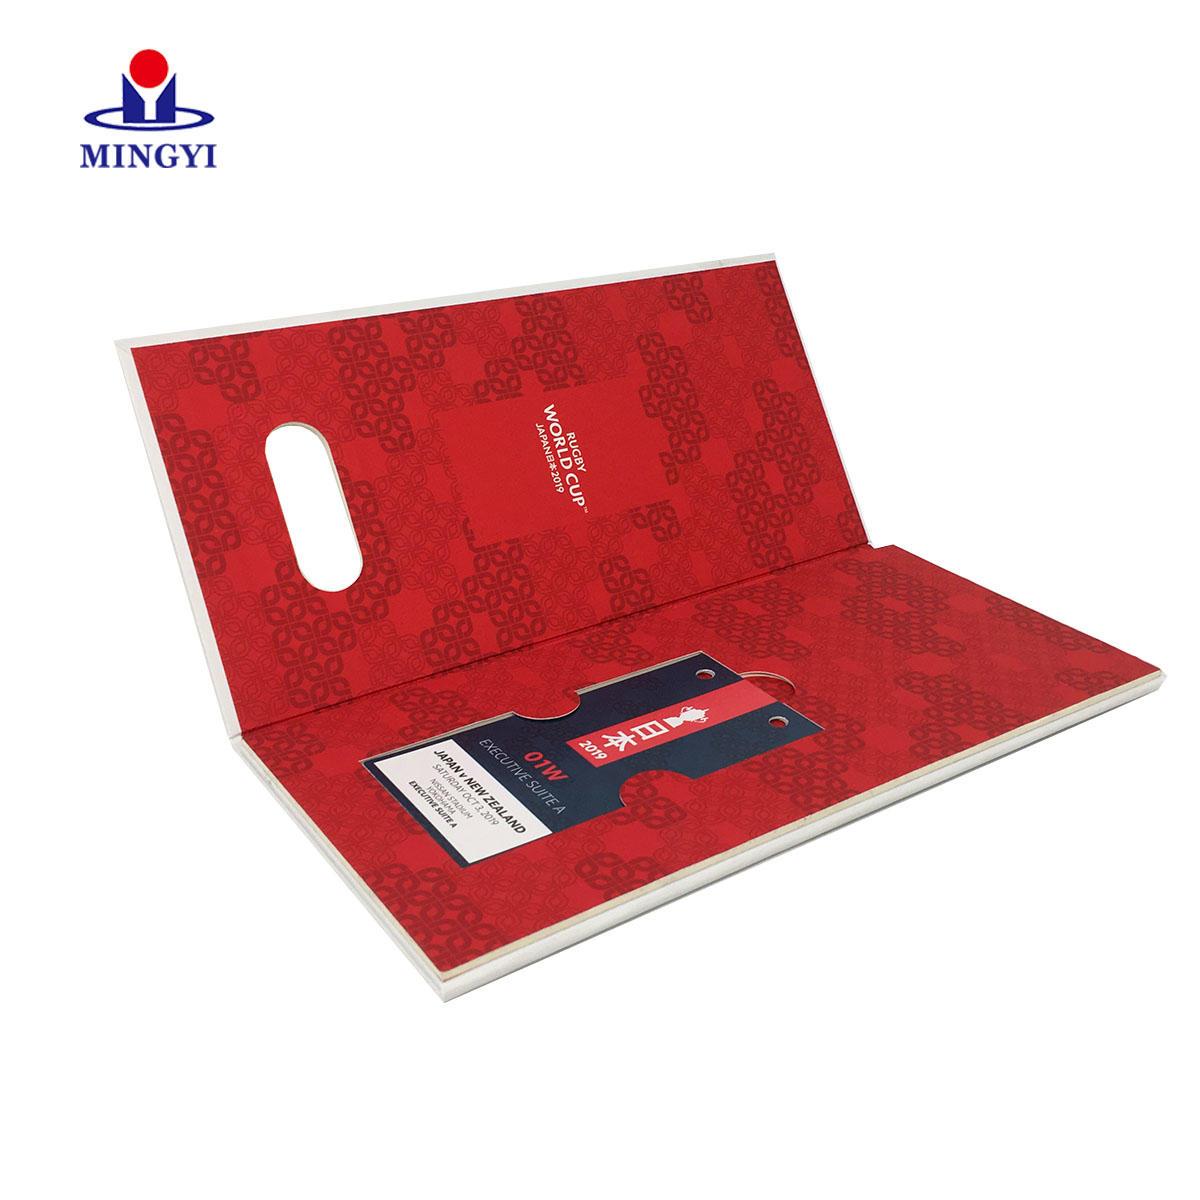 New customized luxury wedding invitation Customized gift box